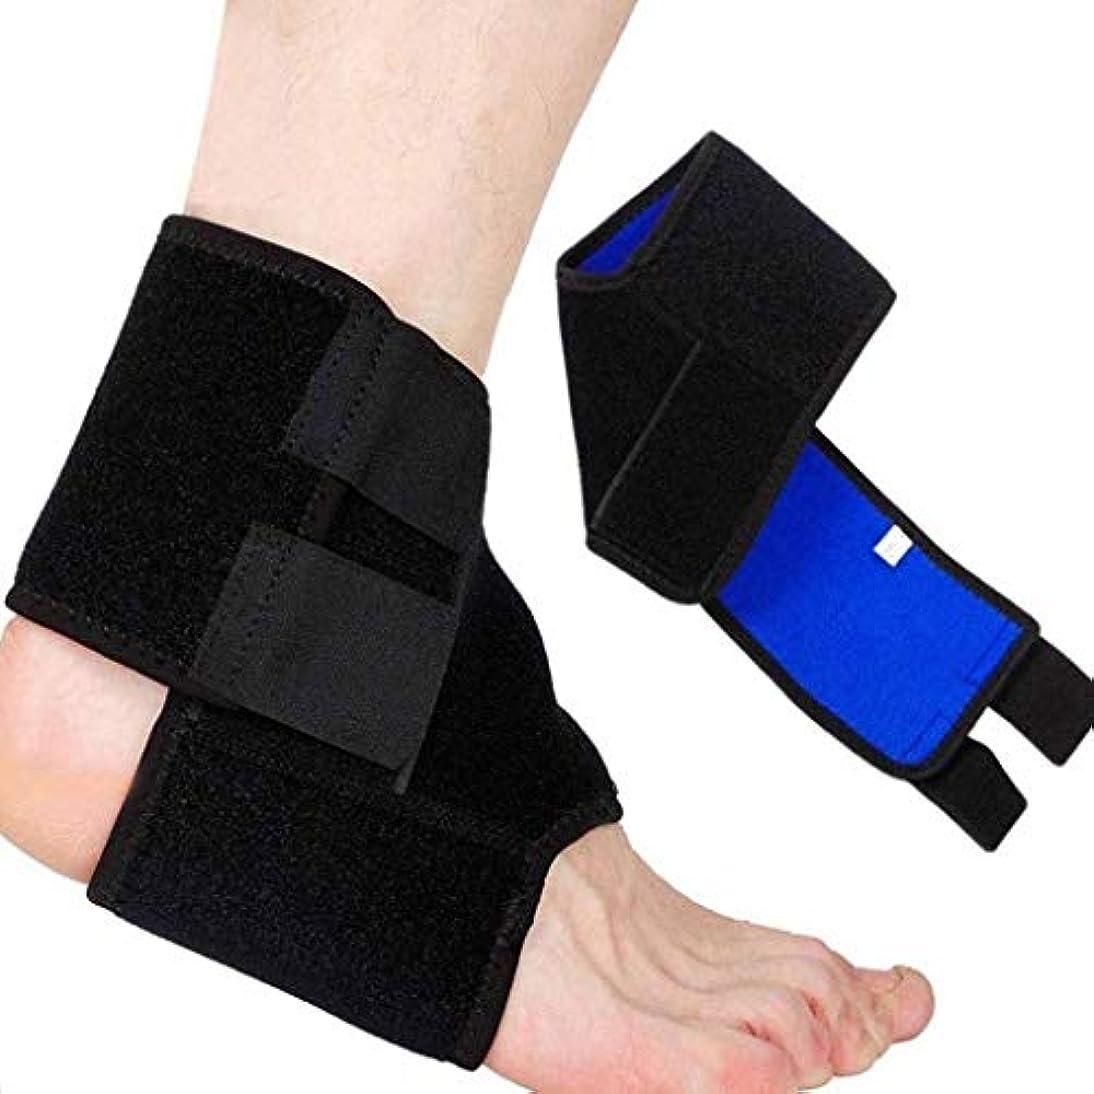 酔っ払いお勧め取り囲む足首サポート、足首ブレース通気性ナイロン弾性素材スポーツ用足首ラップ、関節痛、捻rain疲労など